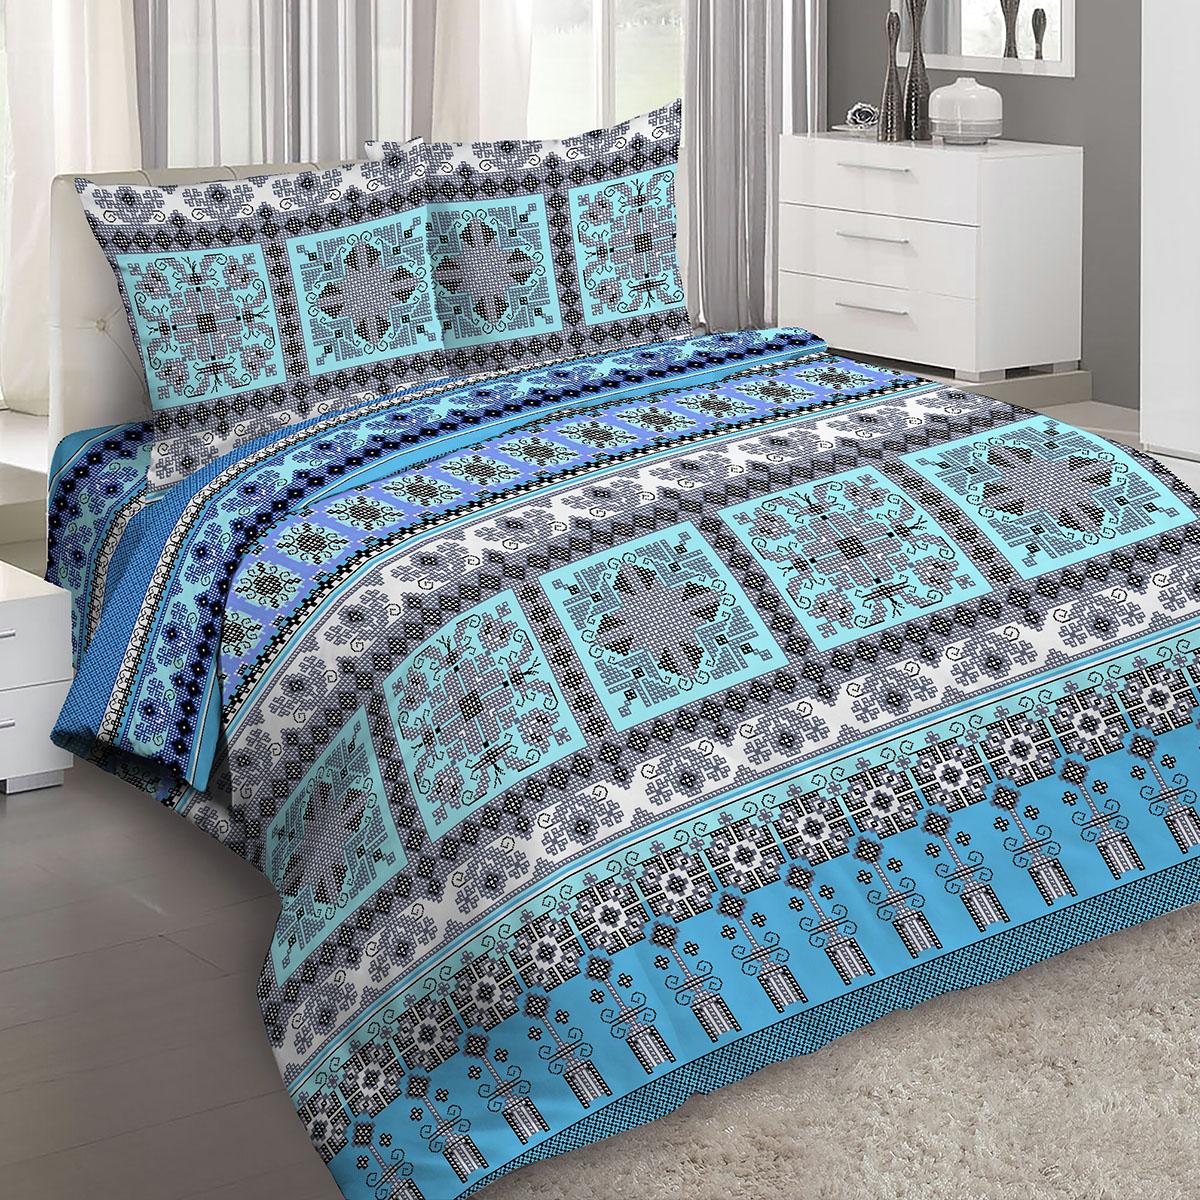 Комплект белья Letto Традиция, евро, наволочки 70x70, цвет: синий. B199-6 комплект белья letto семейный наволочки 70х70 цвет голубой синий b183 7